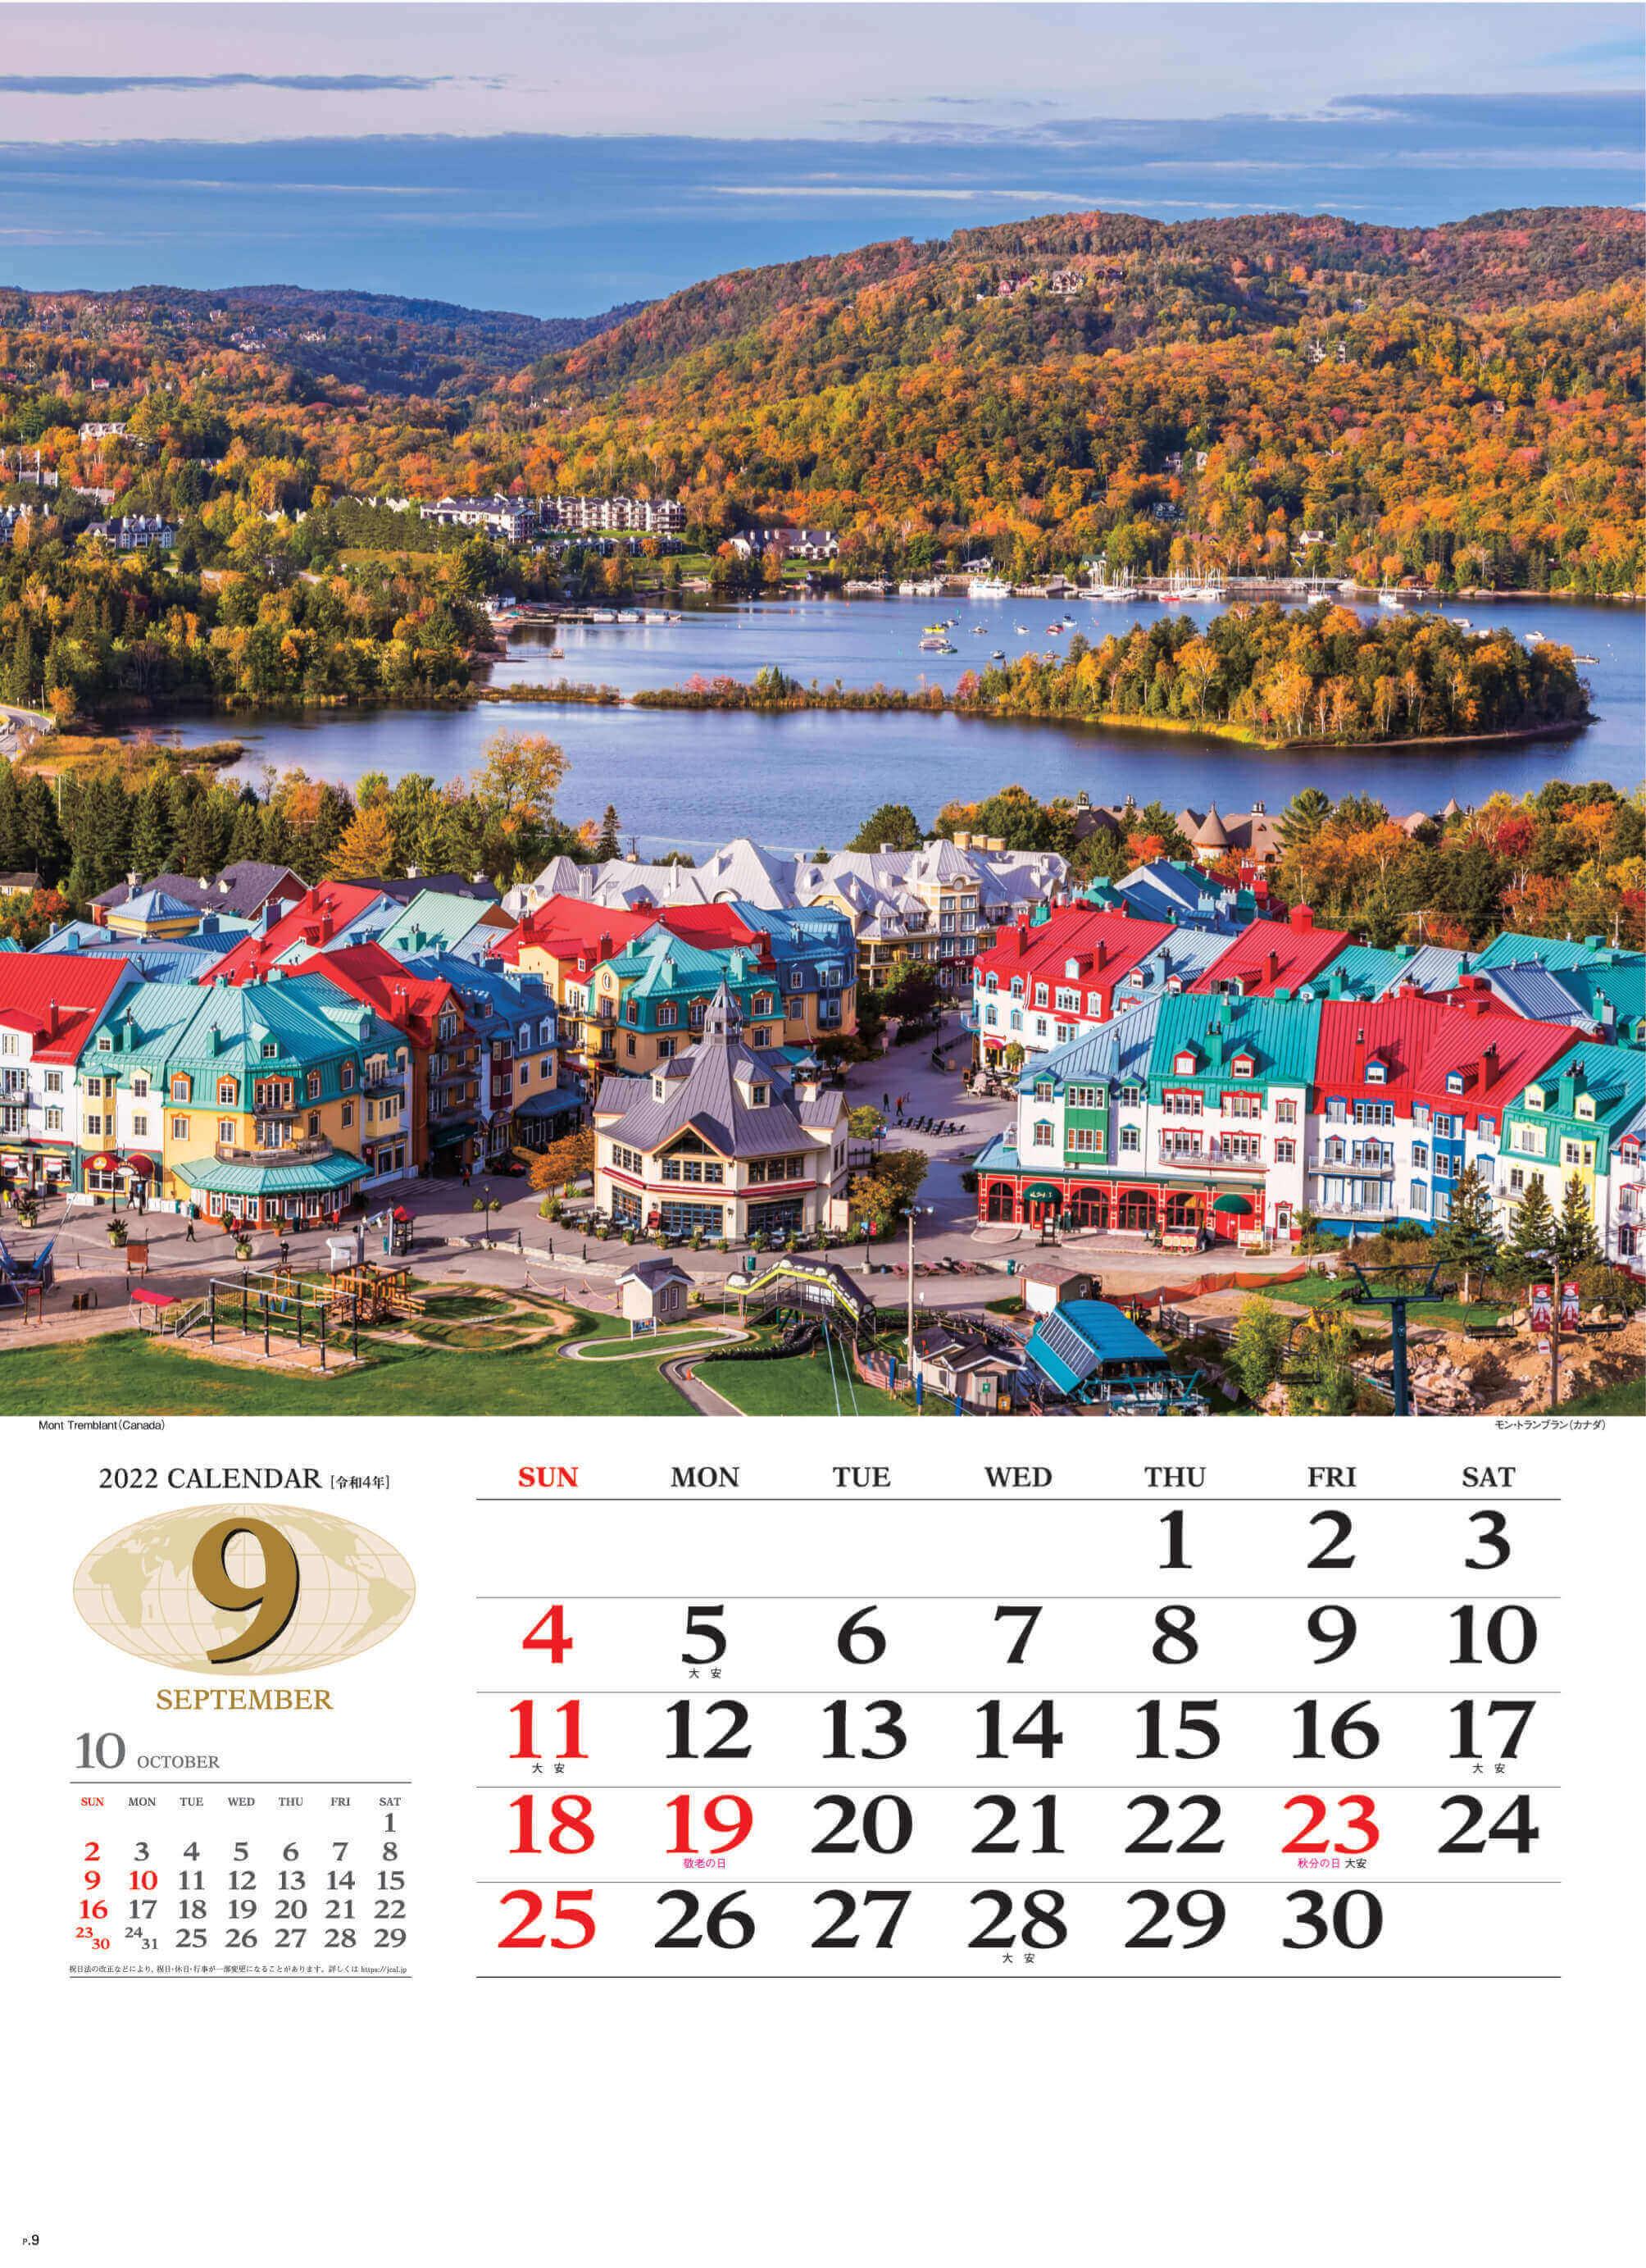 9月 モン・トランブラン カナダ 世界の景観 2022年カレンダーの画像